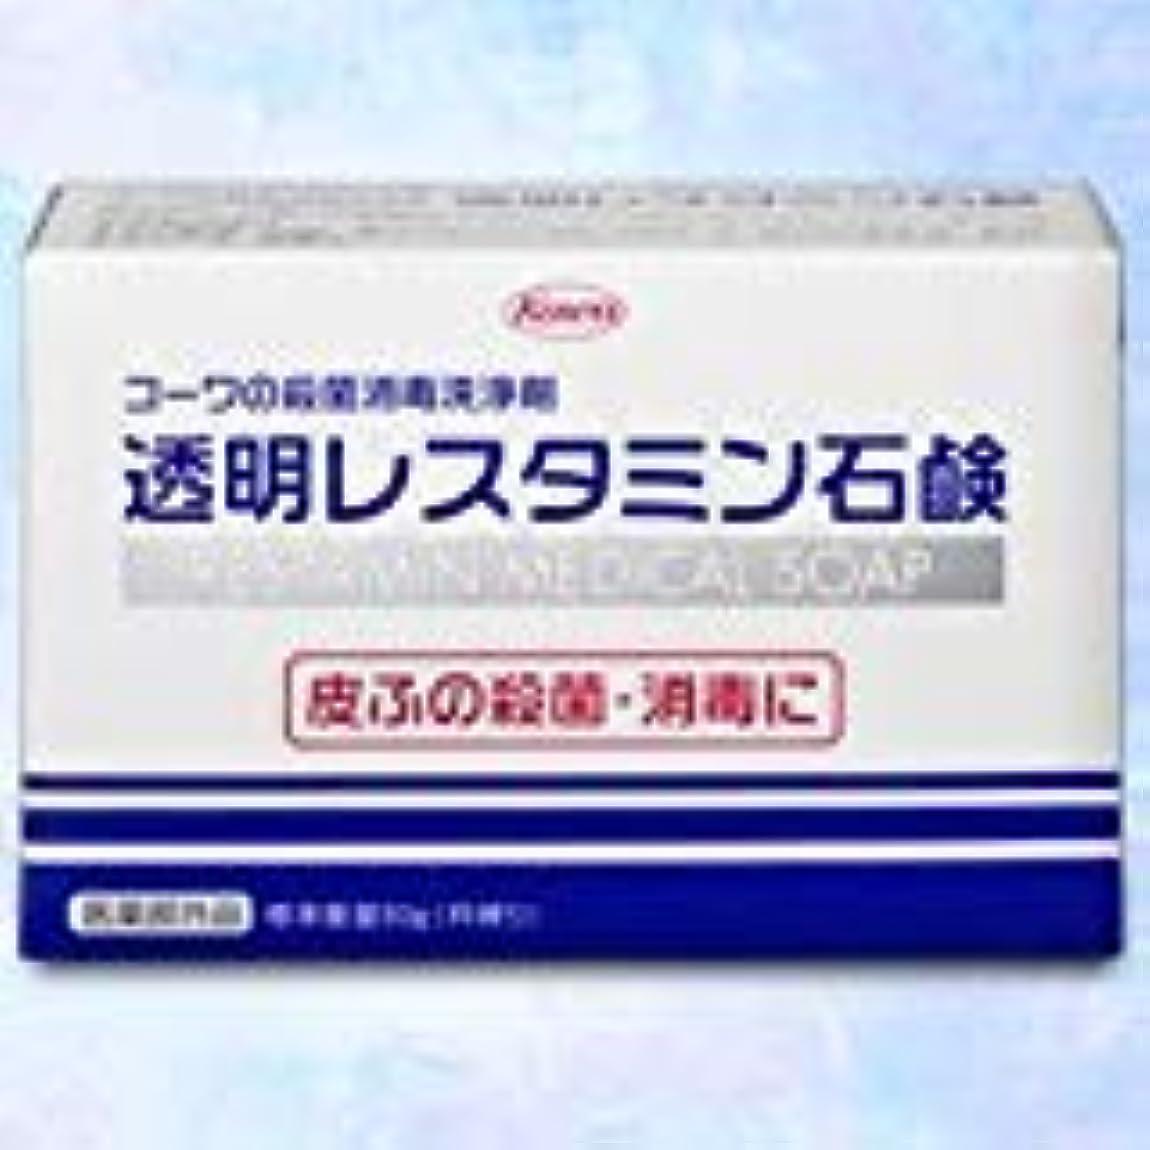 どっち裏切る適合しました【興和】コーワの殺菌消毒洗浄剤「透明レスタミン石鹸」80g(医薬部外品) ×3個セット